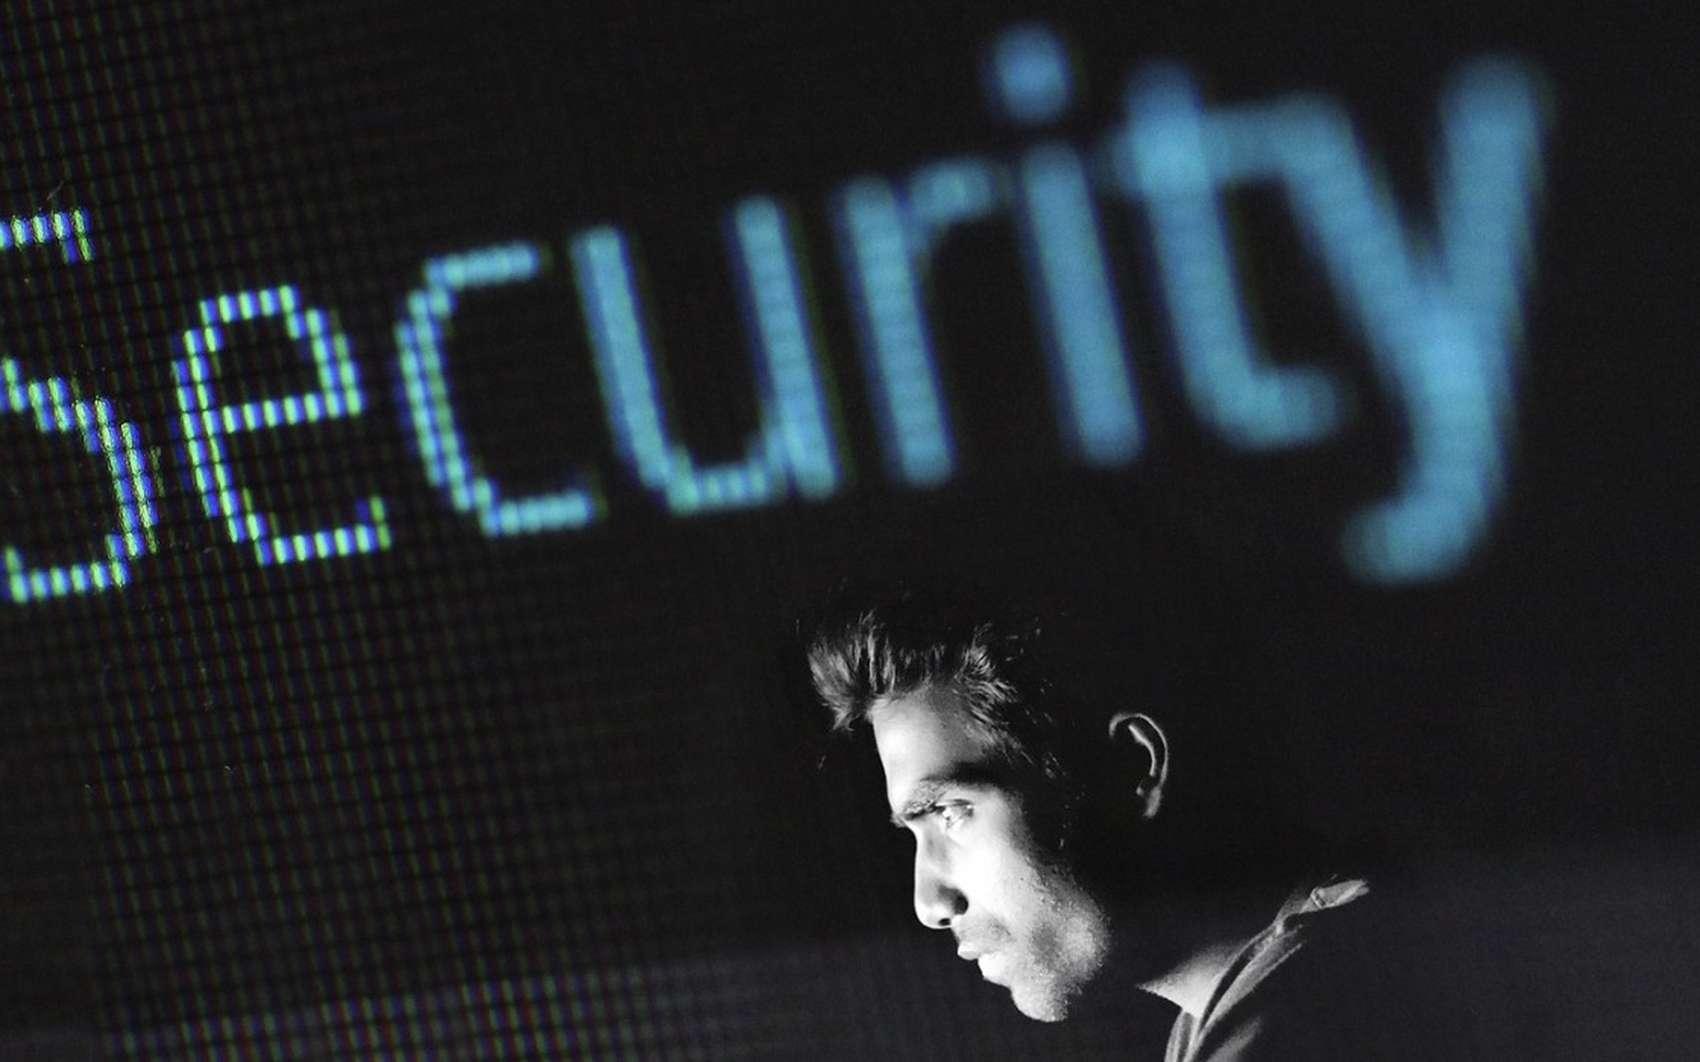 Grâce à Netcut, surveillez les éventuelles connexions d'intrus sur votre réseau Wi-Fi. © Pixabay.com